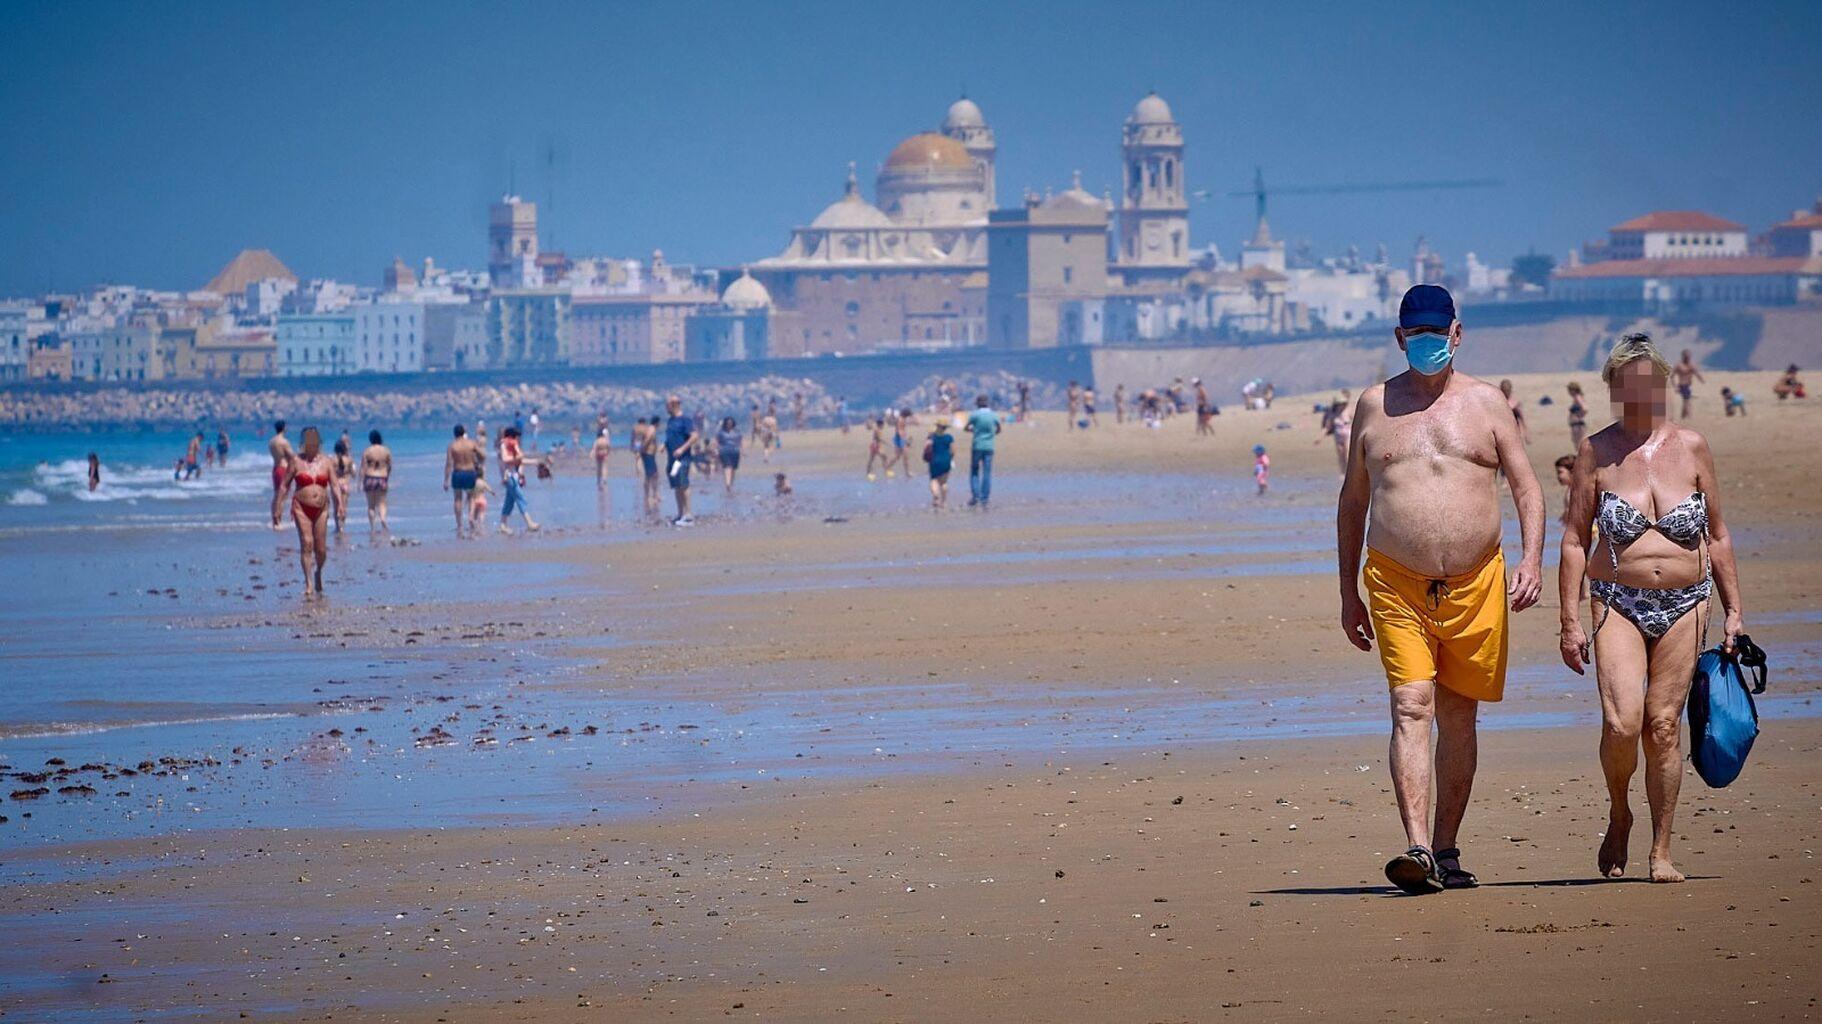 Así serán las playas tras el COVID -19: distanciamiento social e higiene extrema